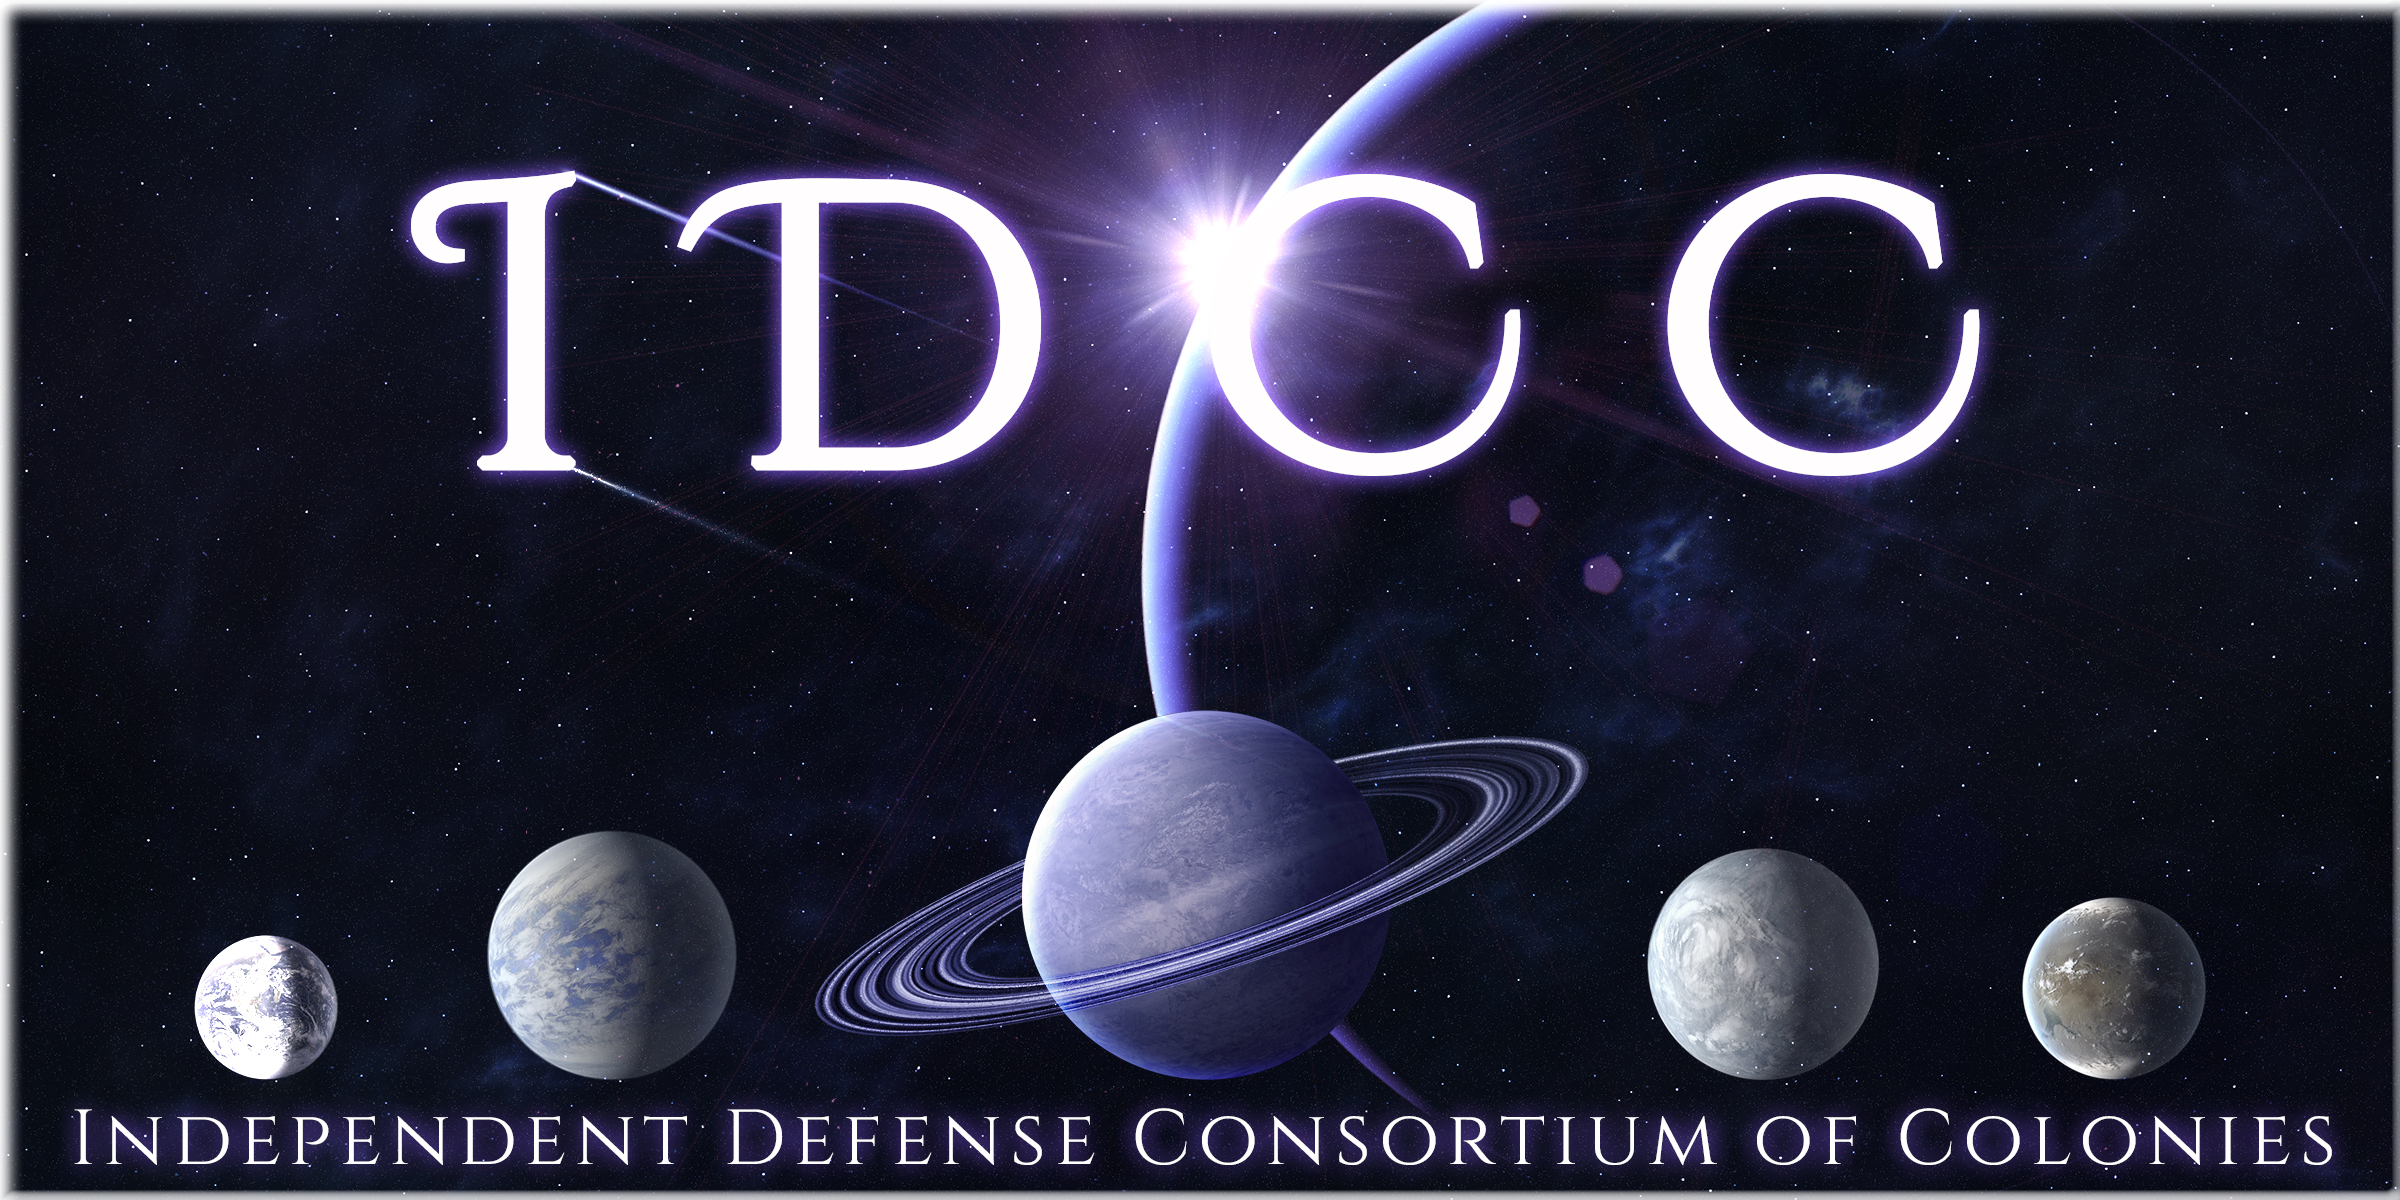 IDCC Emblem